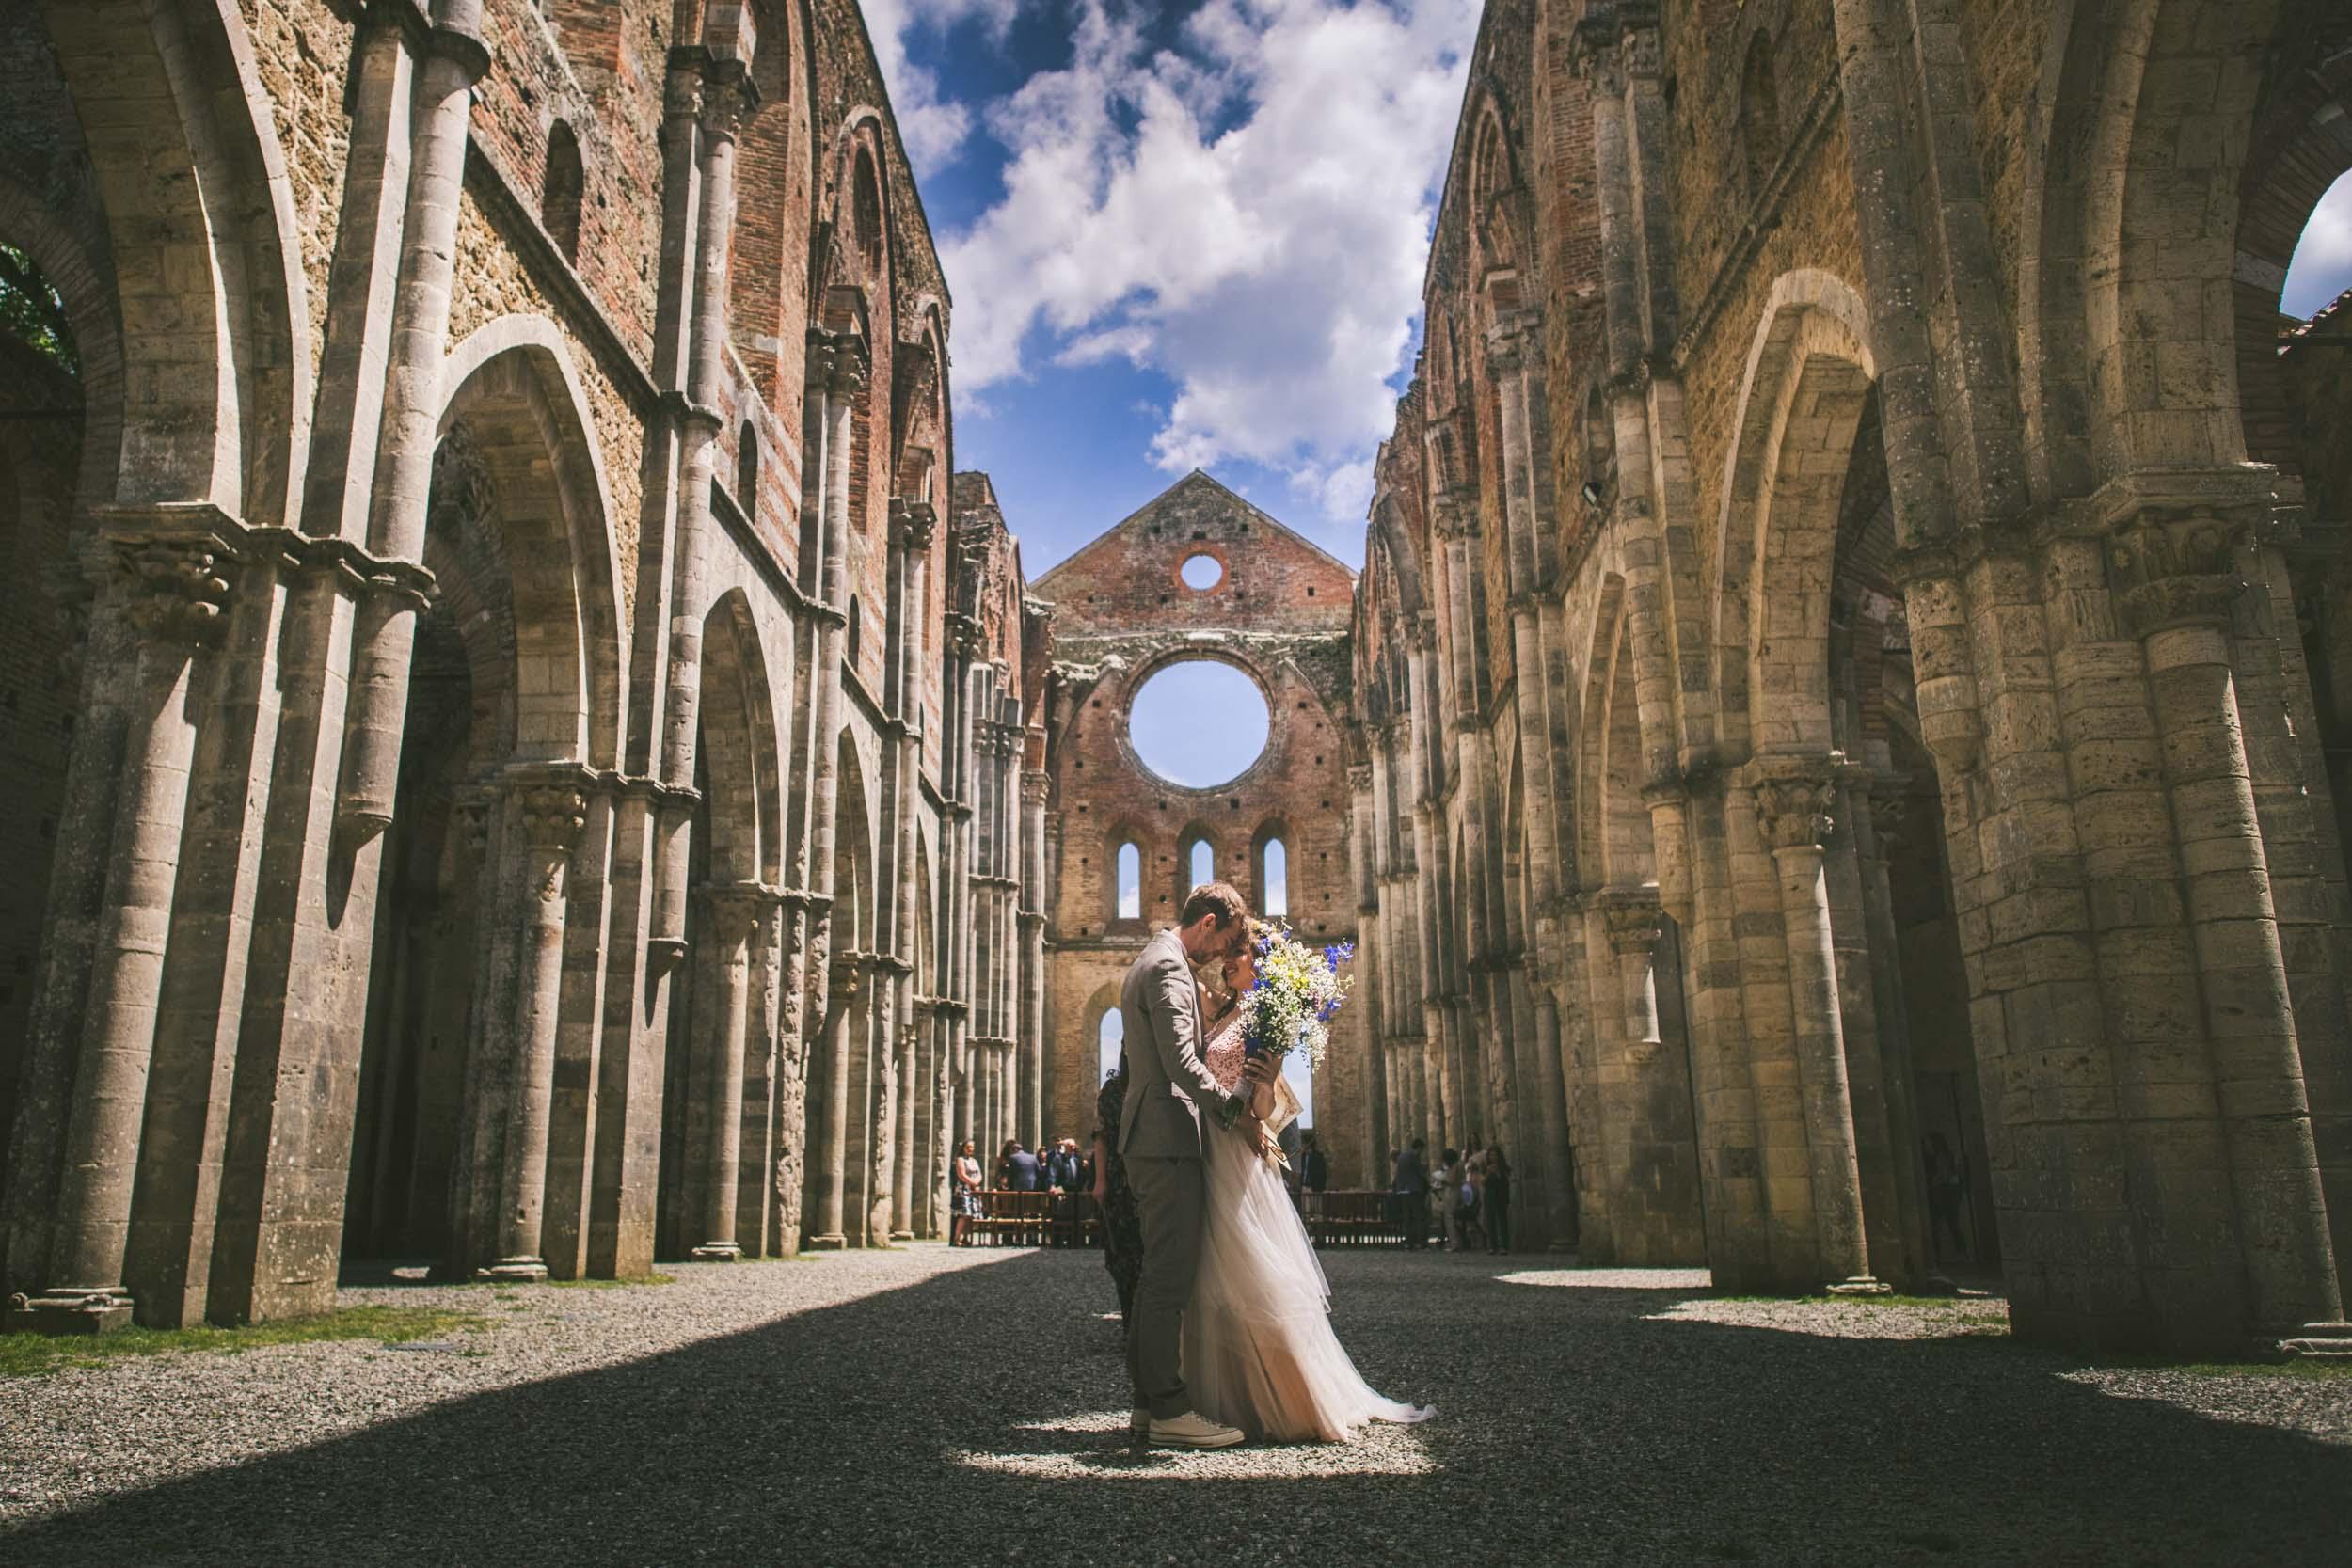 Gareth e Martina - Matrimonio presso Abbazia di San Galgano, Siena, 1/06/2019